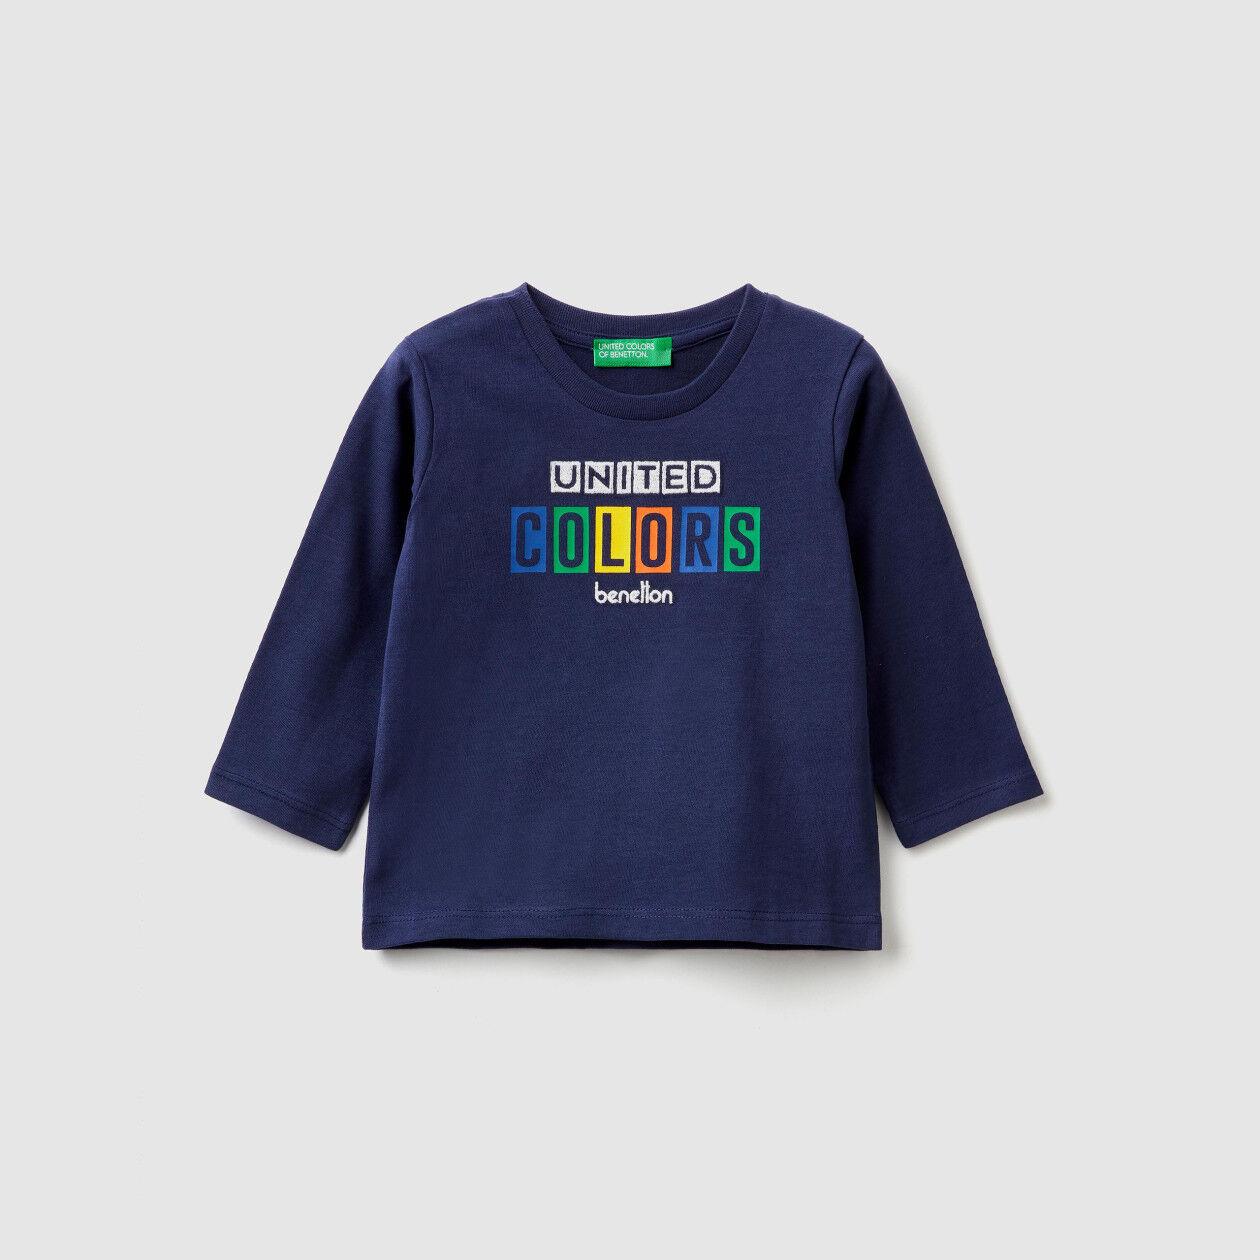 T-shirt en coton chaud avec logo